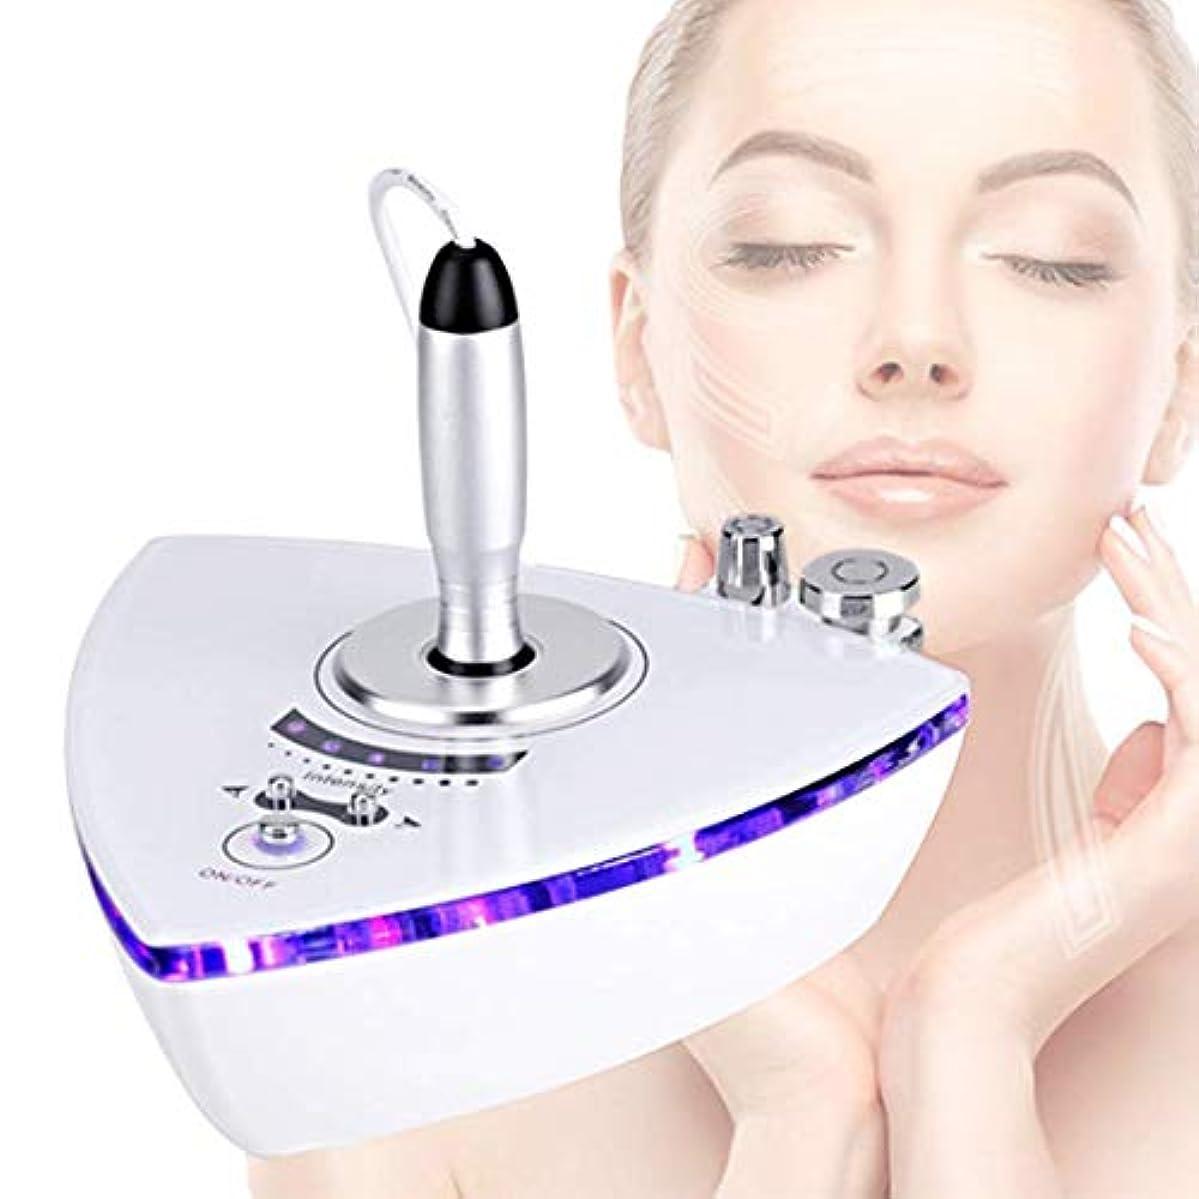 蒸彫刻出席RFの無線周波数の美顔術機械、反老化のスキンケアをきつく締める皮の若返りのしわ除去の皮のための家の使用携帯用美顔術機械